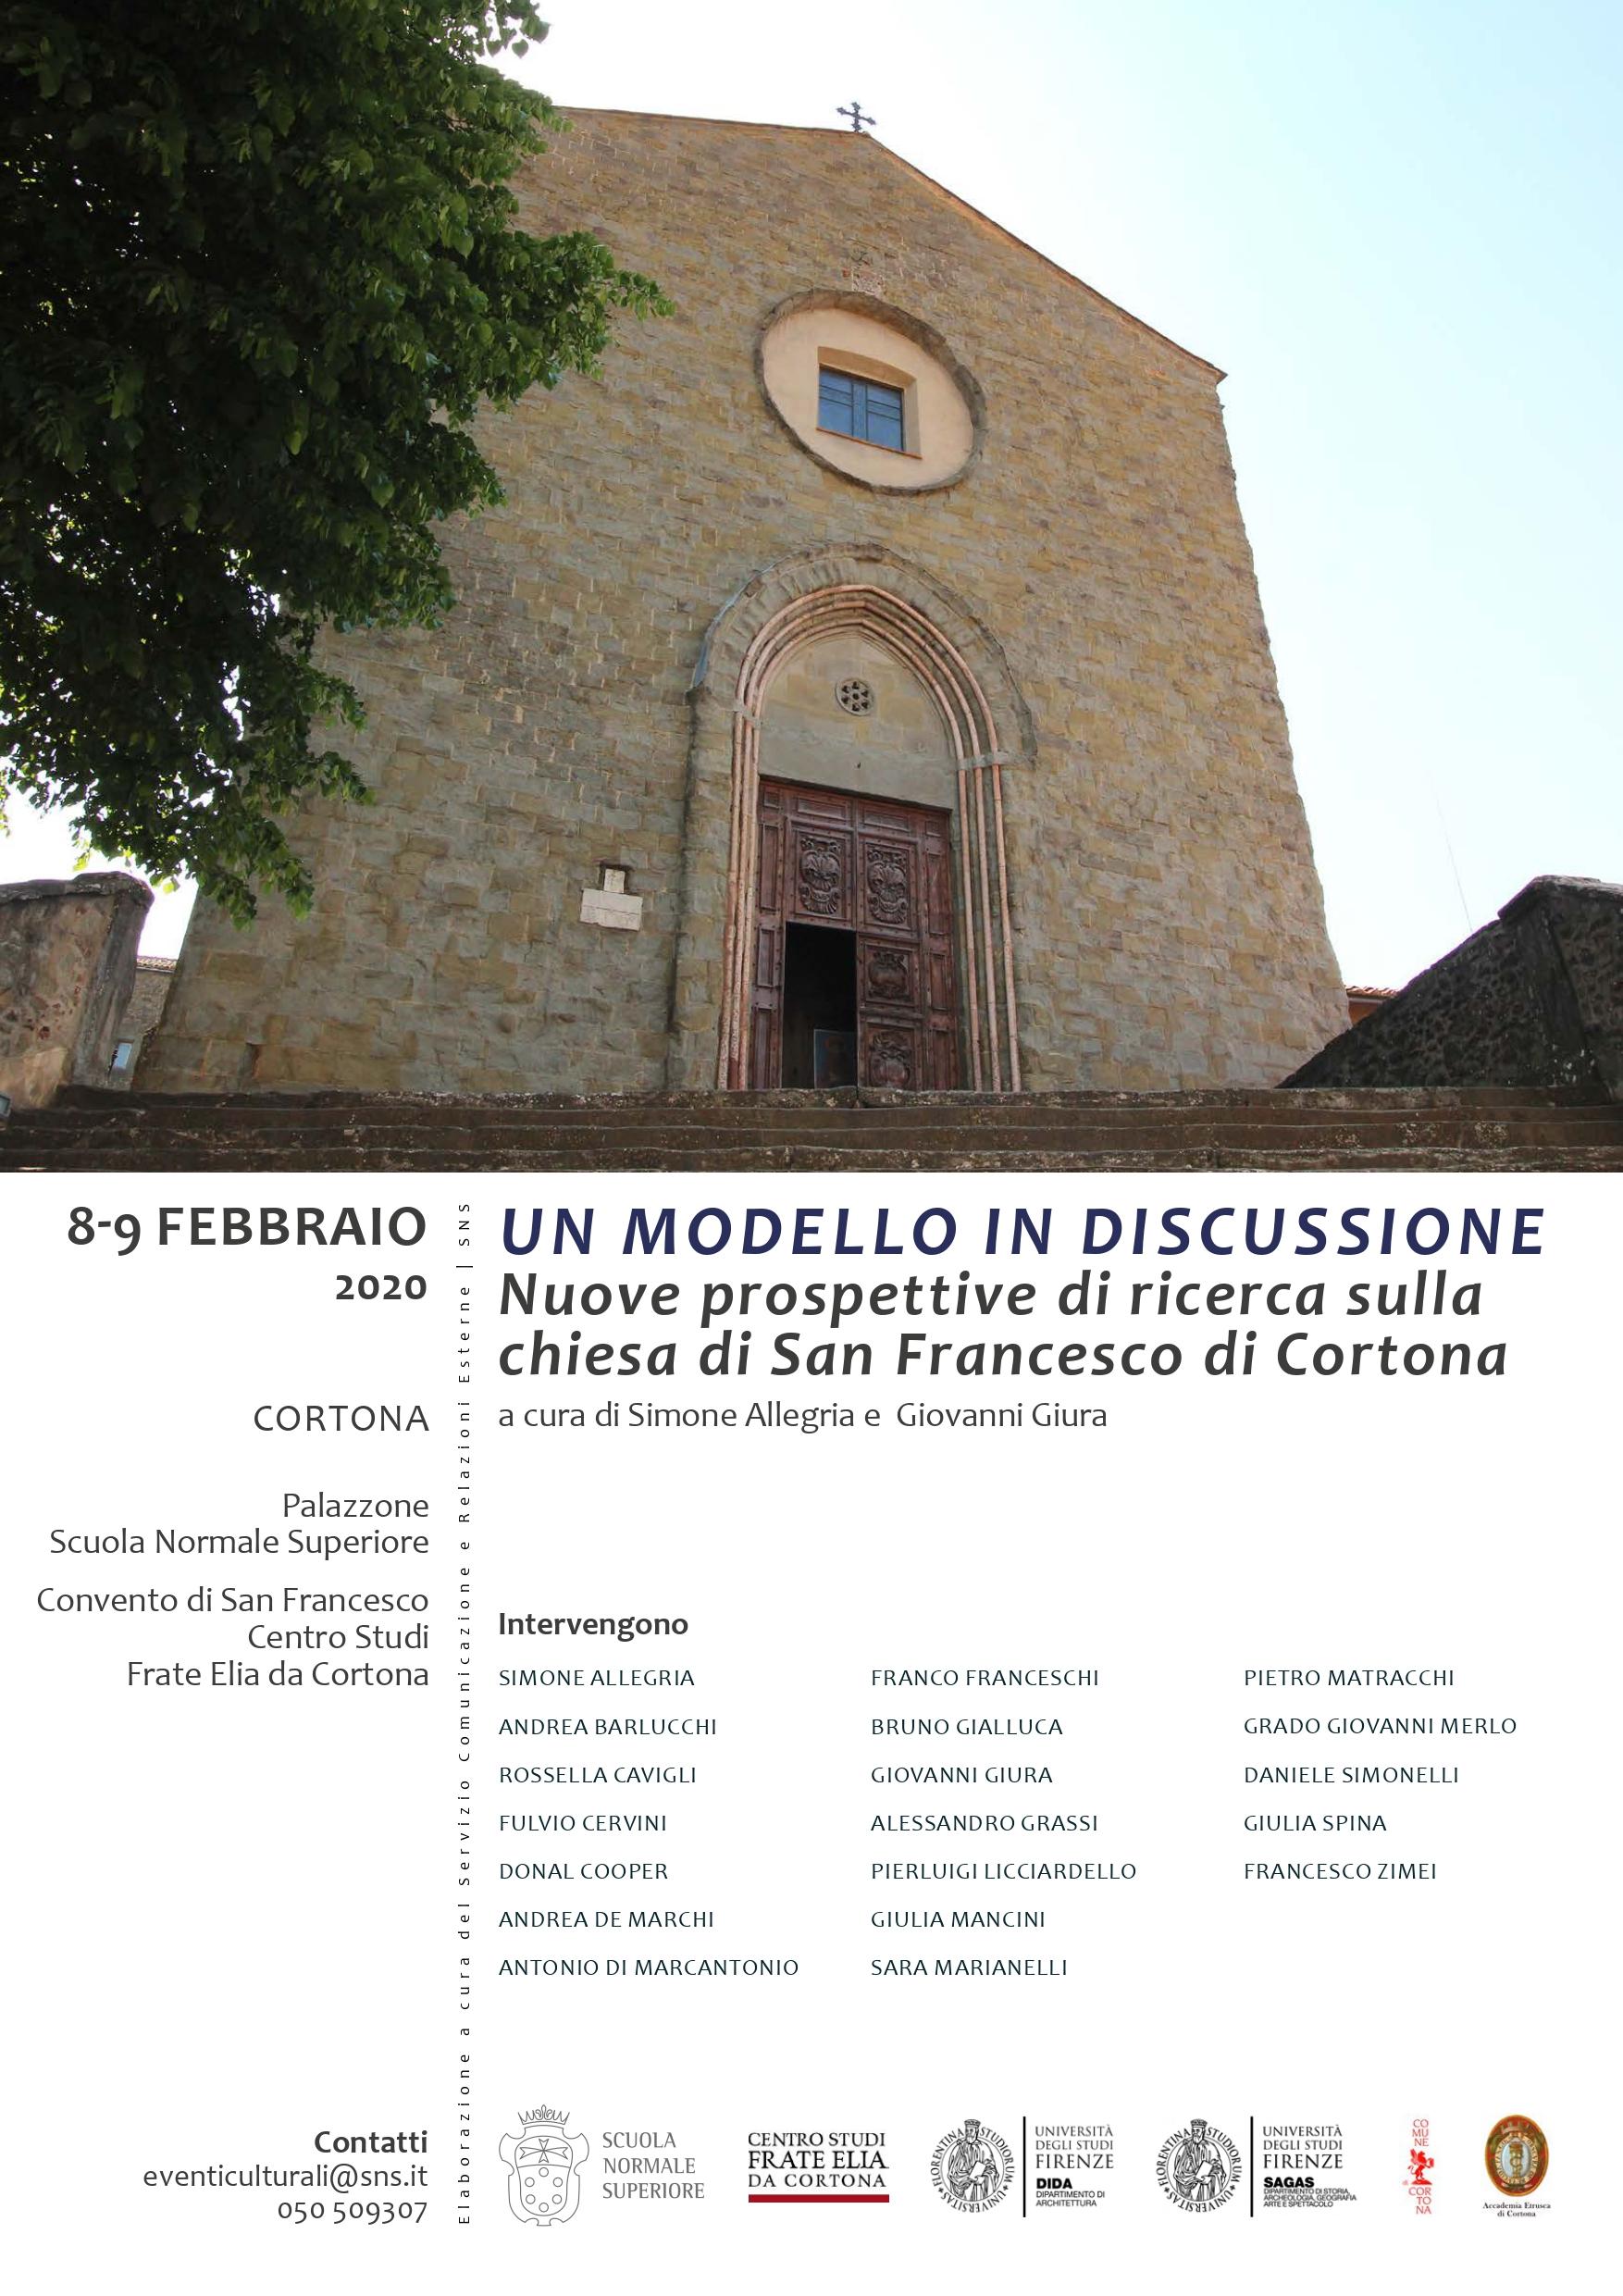 Nuove prospettive di ricerca sulla chiesa di San Francesco di Cortona, convegno promosso da Normale di Pisa e Centro Studi Frate Elia